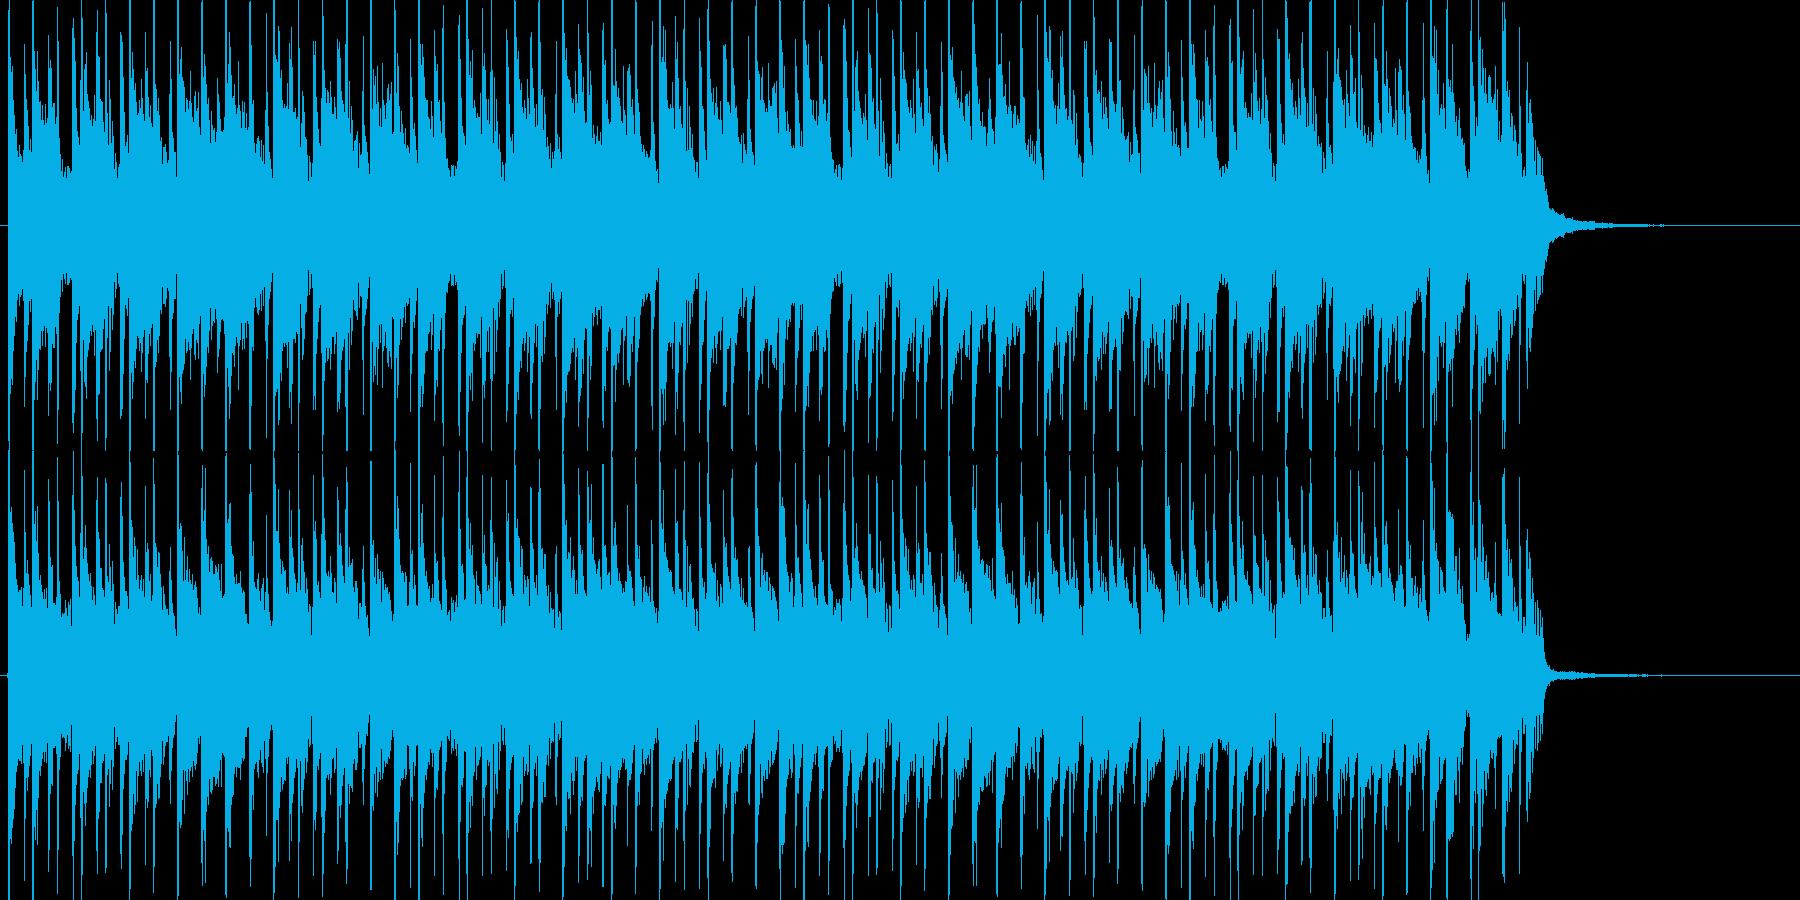 おもちゃで遊ぶような可愛い曲【ループ可】の再生済みの波形